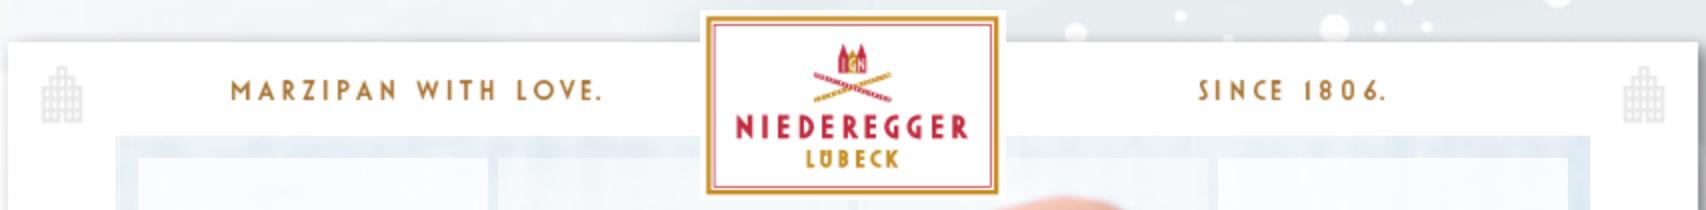 niederegger-banner.png